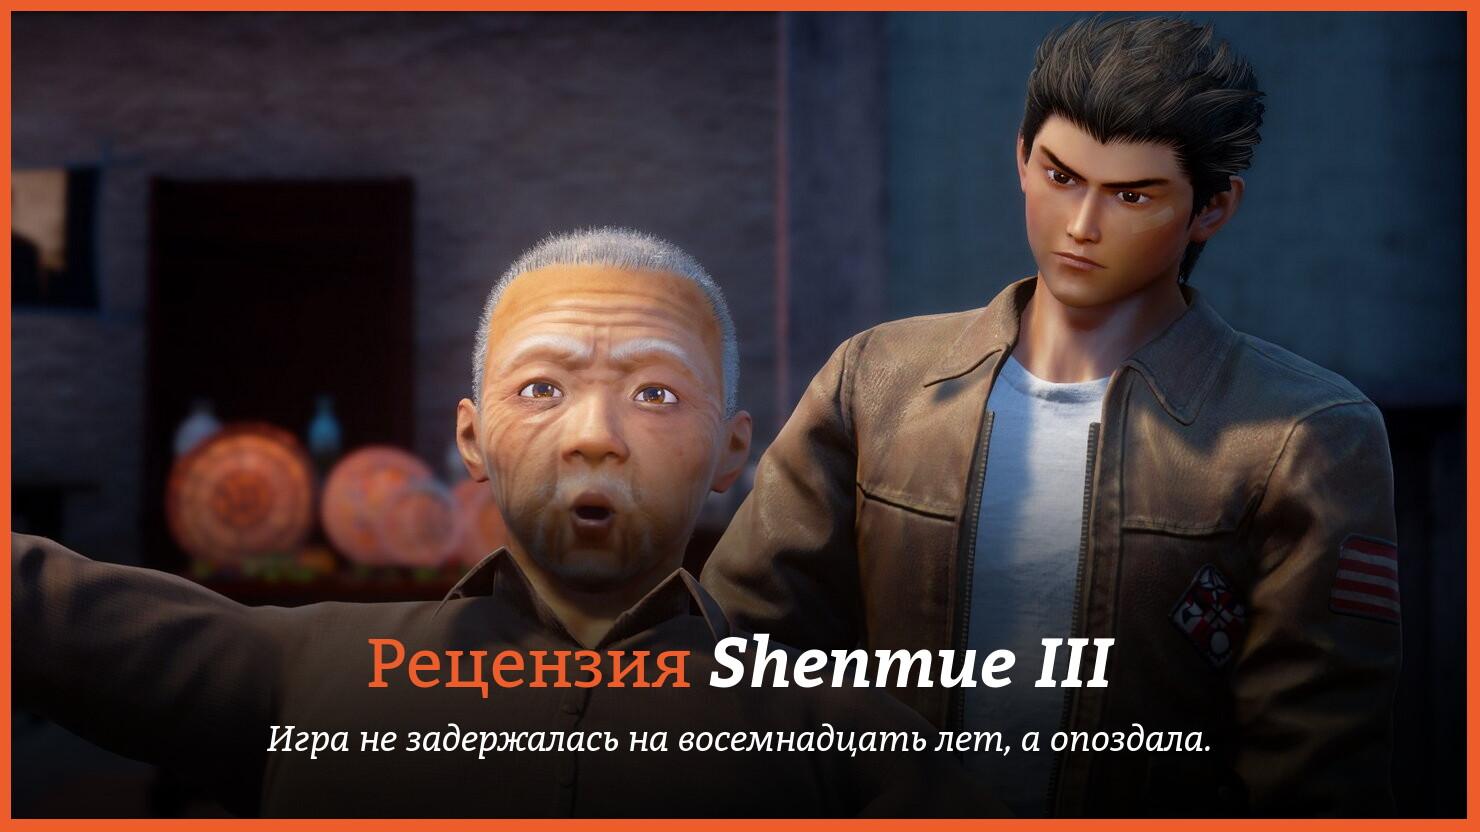 shenmue3_splash_5864.jpg